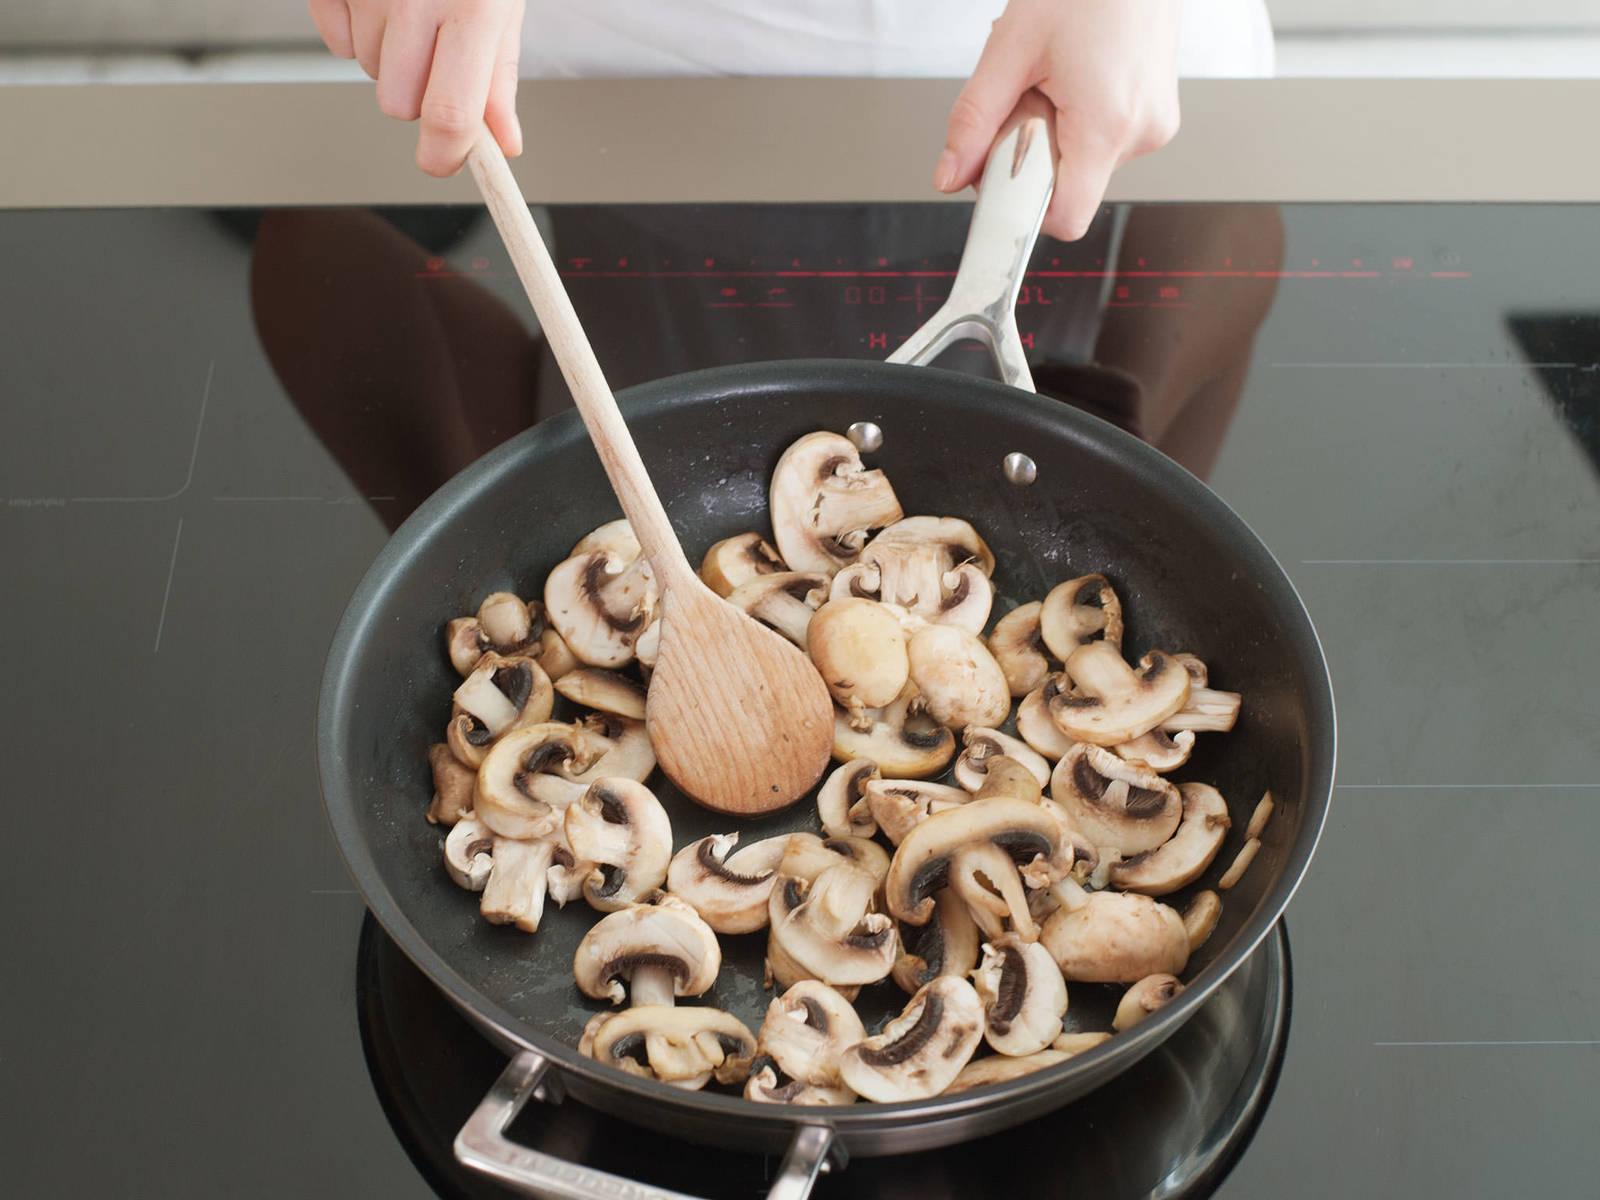 同时,洗净蘑菇并切片,在黄油中煎炒,直至蘑菇变软,呈金棕色。牛肉炖好前一小时加入炖锅。